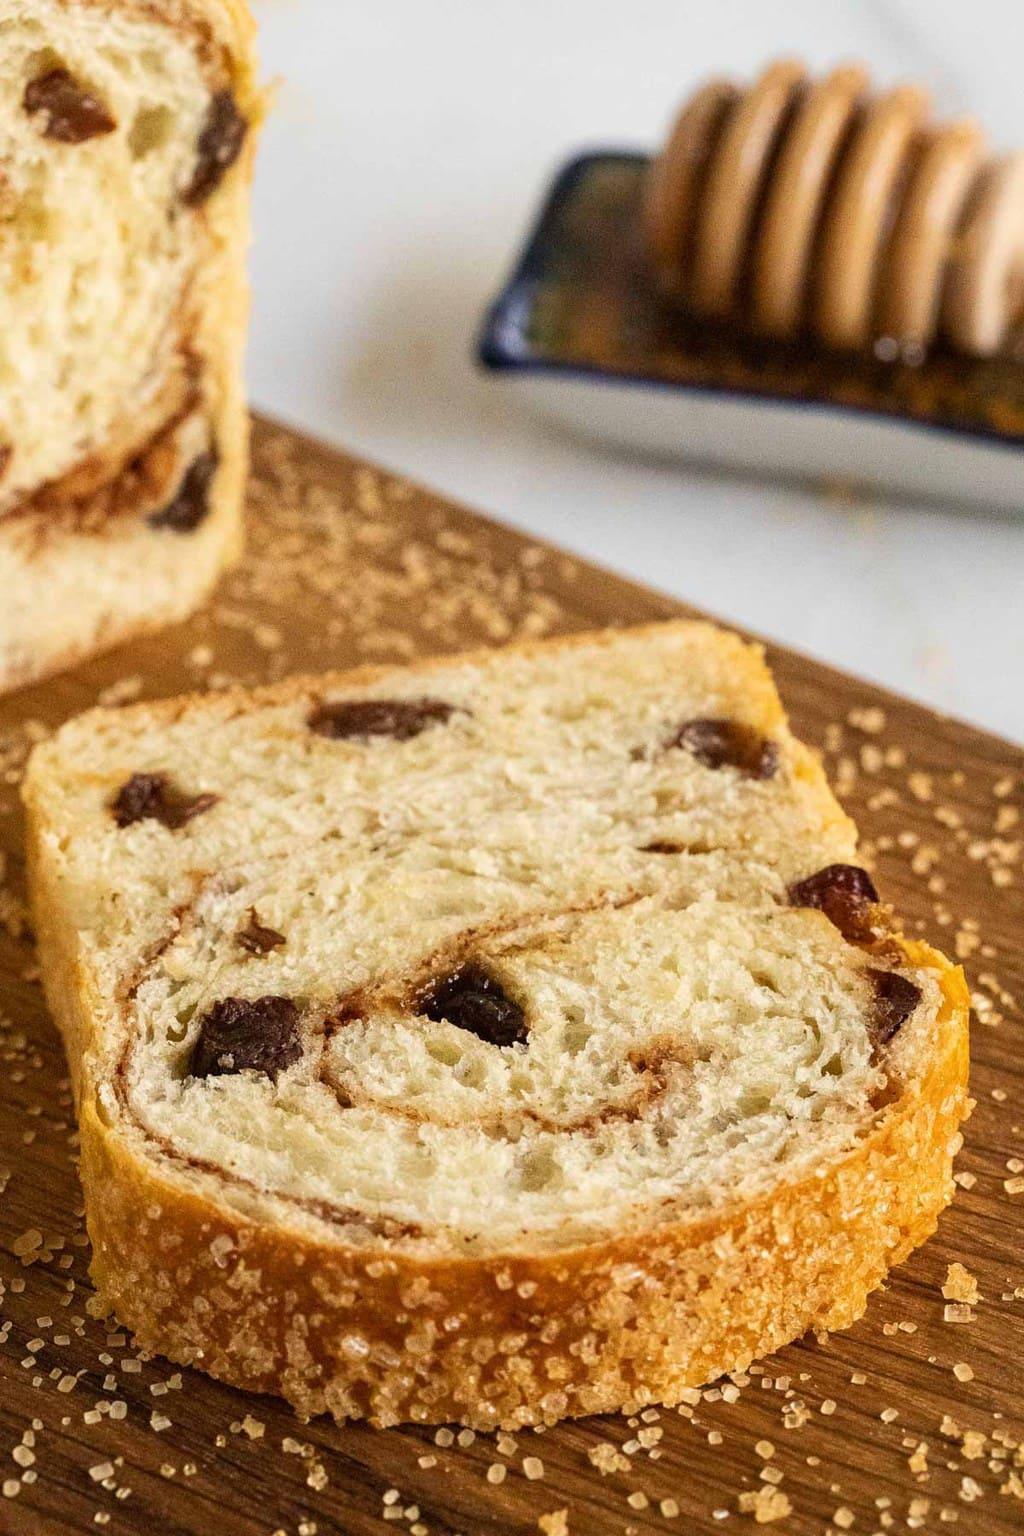 Closeup vertical photo of a slice of Cinnamon Raisin Brioche Bread on a cutting board.